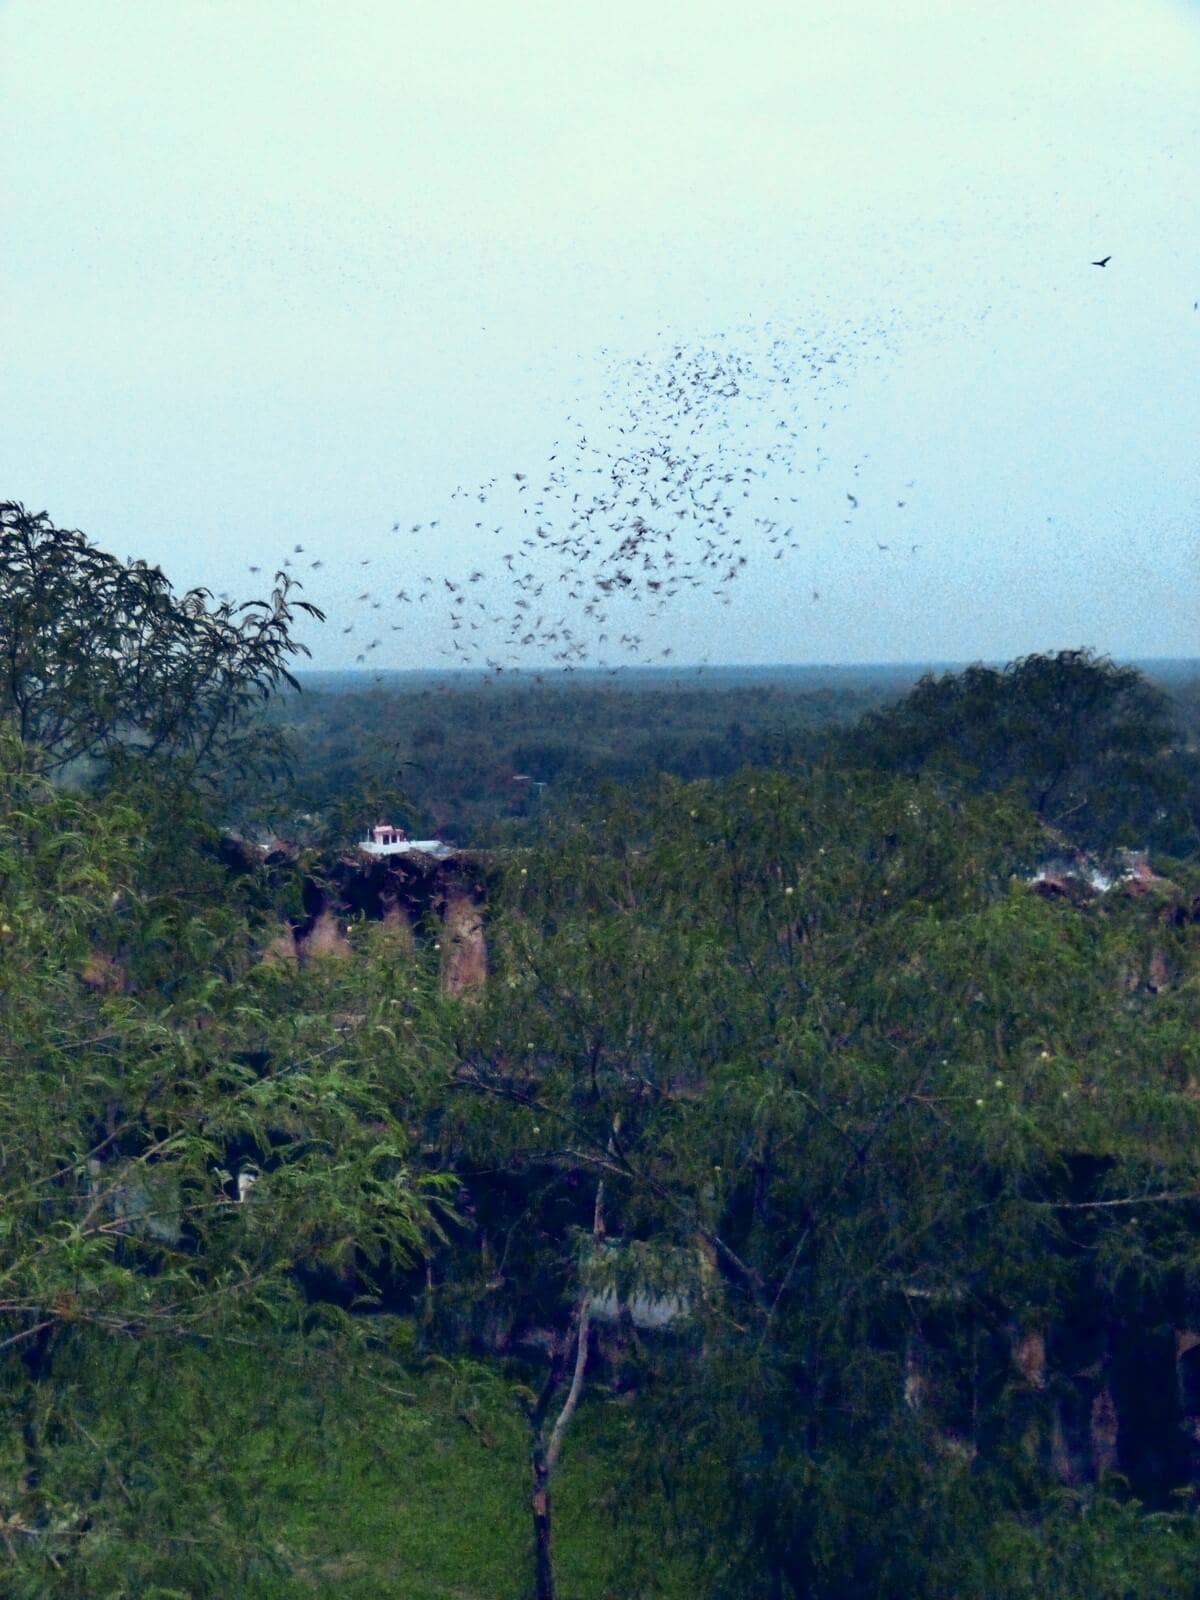 Bats Ahoy! at Daikola Fort